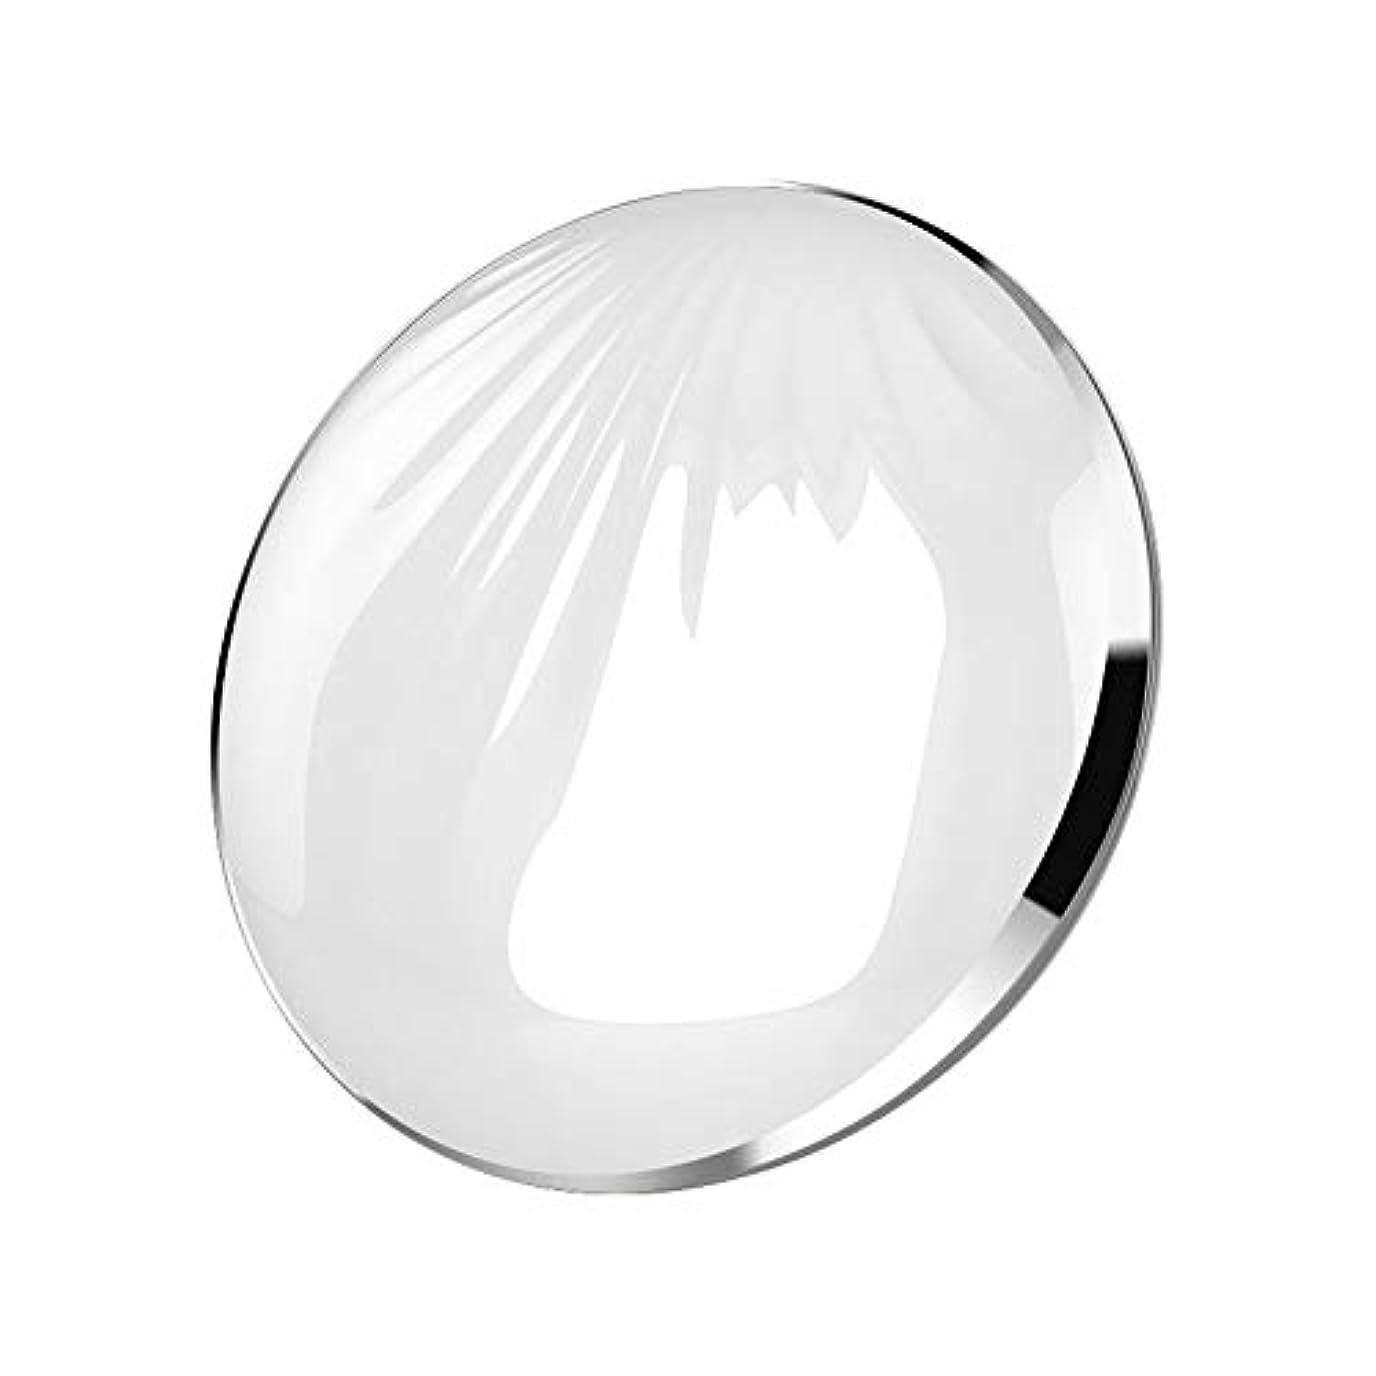 本会議一般的なプロジェクター流行の クリエイティブled化粧鏡シェルポータブル折りたたみ式フィルライトusbモバイル充電宝美容鏡化粧台ミラーピンクシルバーコールドライトウォームライトミックスライト (色 : Silver)